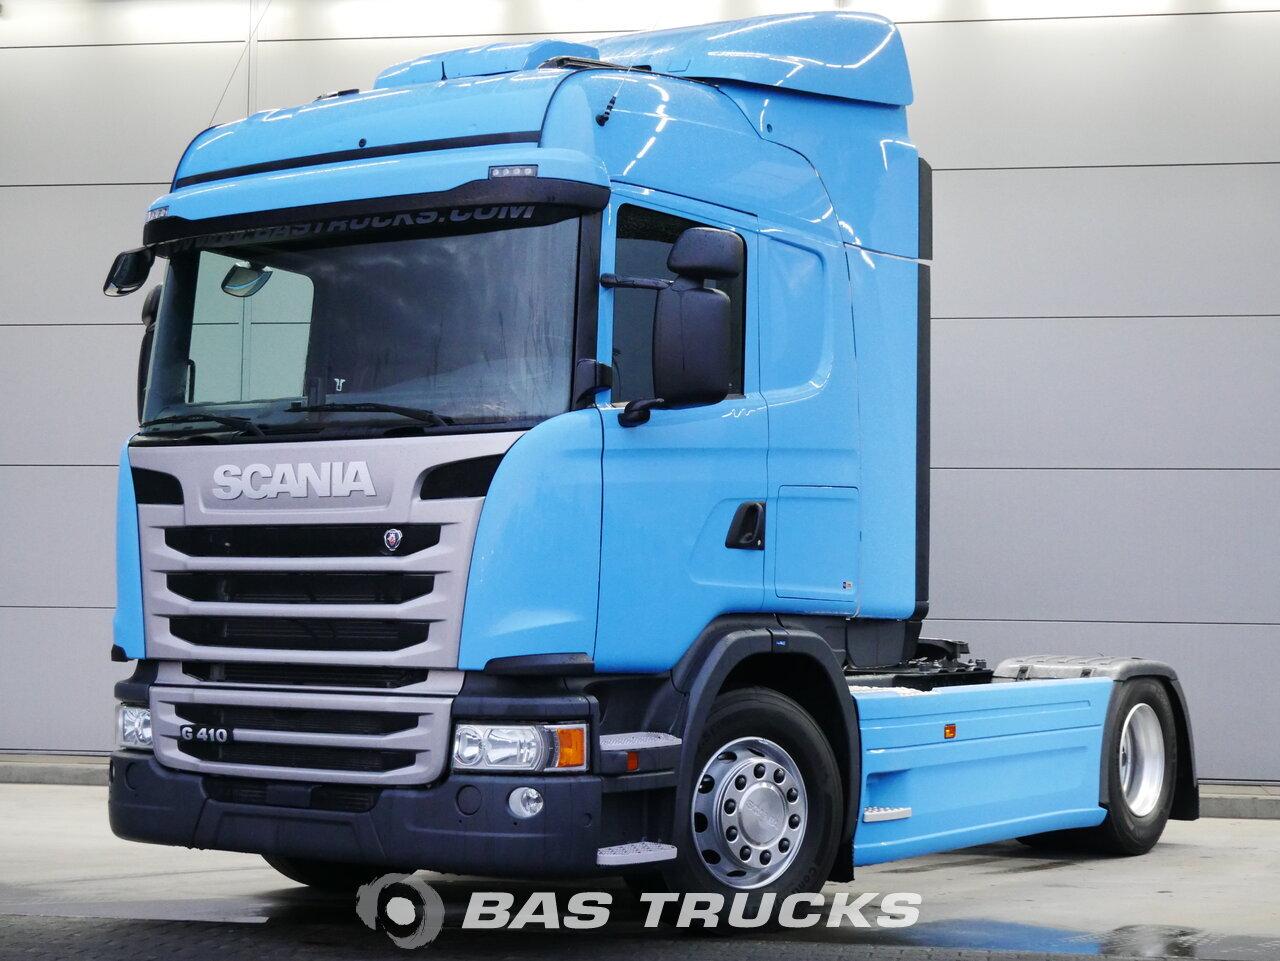 771876b9143b6d Scania G410 Tractorhead Euro norm 6 €35600 - BAS Trucks